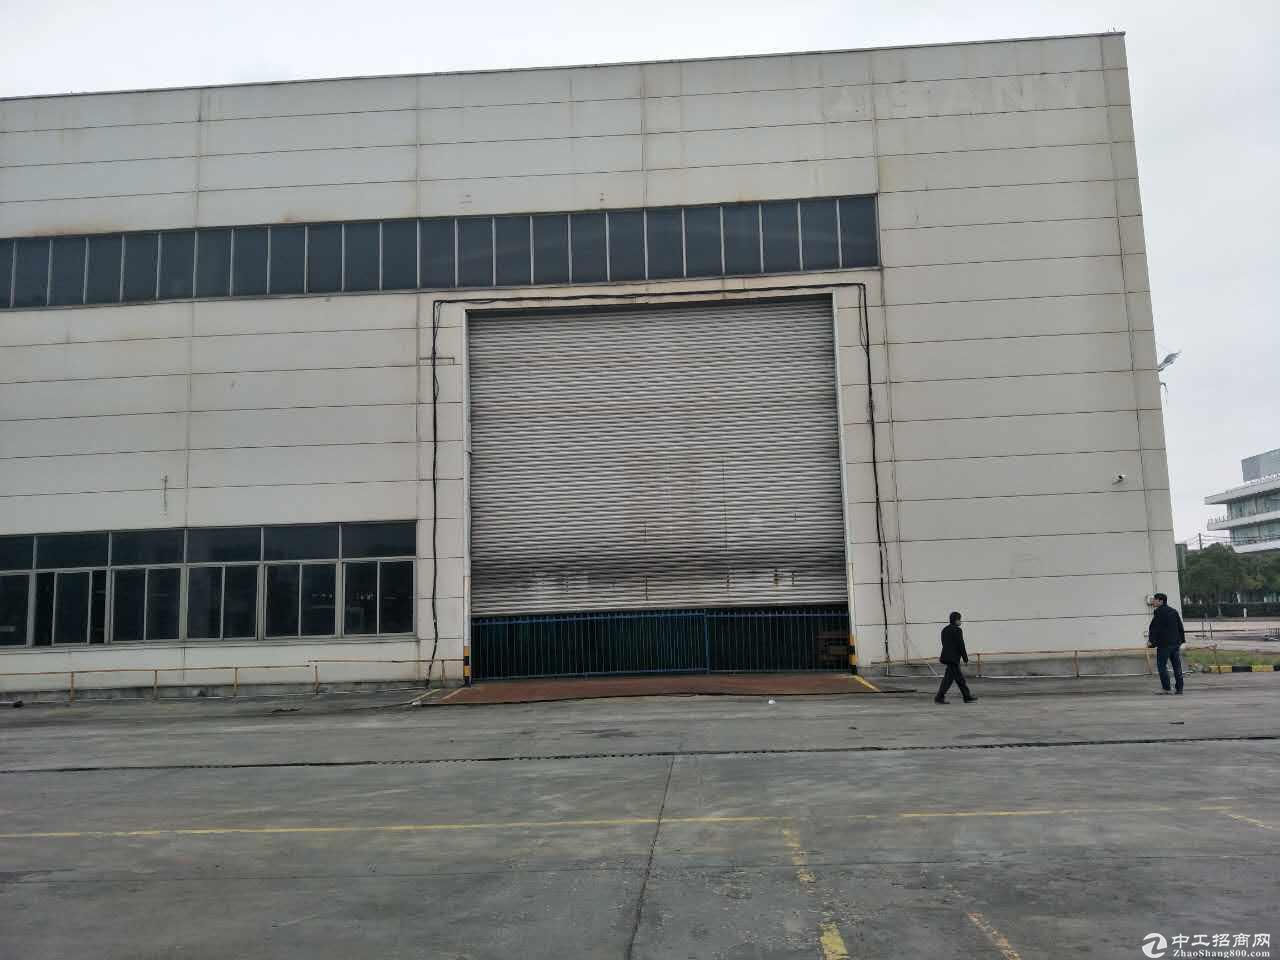 川沙独栋厂房出租高15米 机械加共生铲环评 仓储物流行业-图3